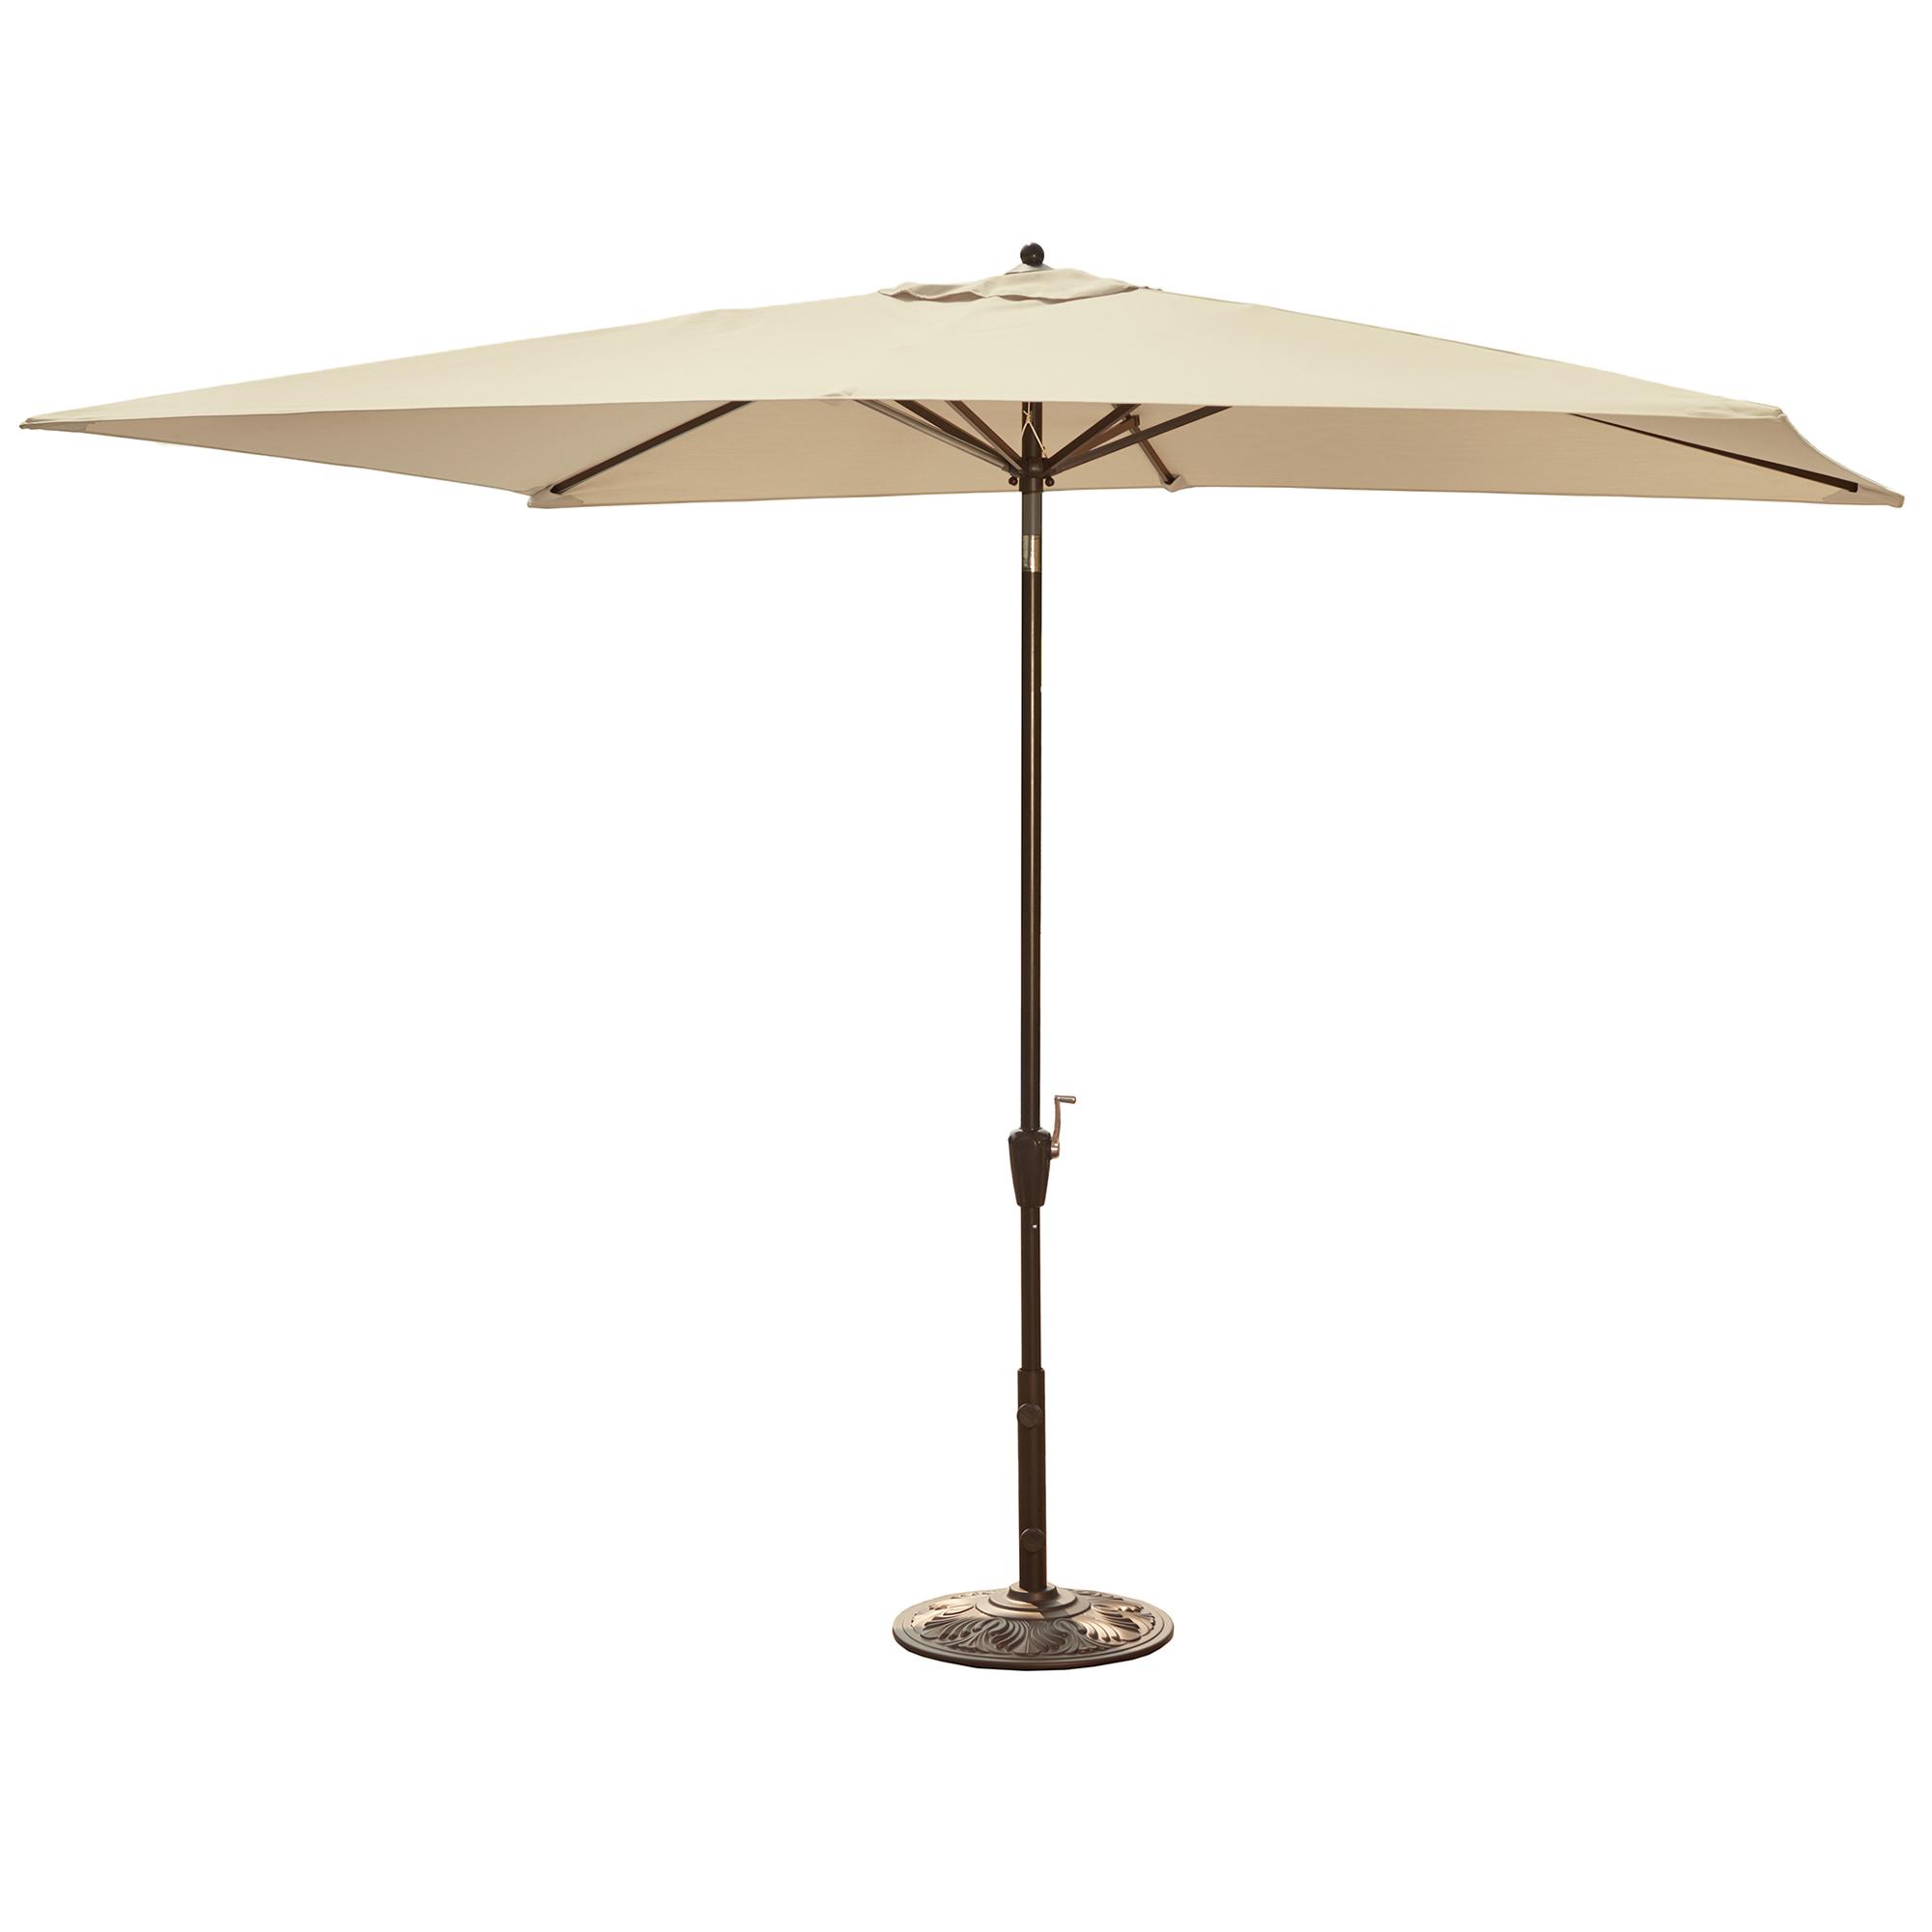 Island Umbrella Adriatic 6 5 Ft X 10 Ft Rectangular Market